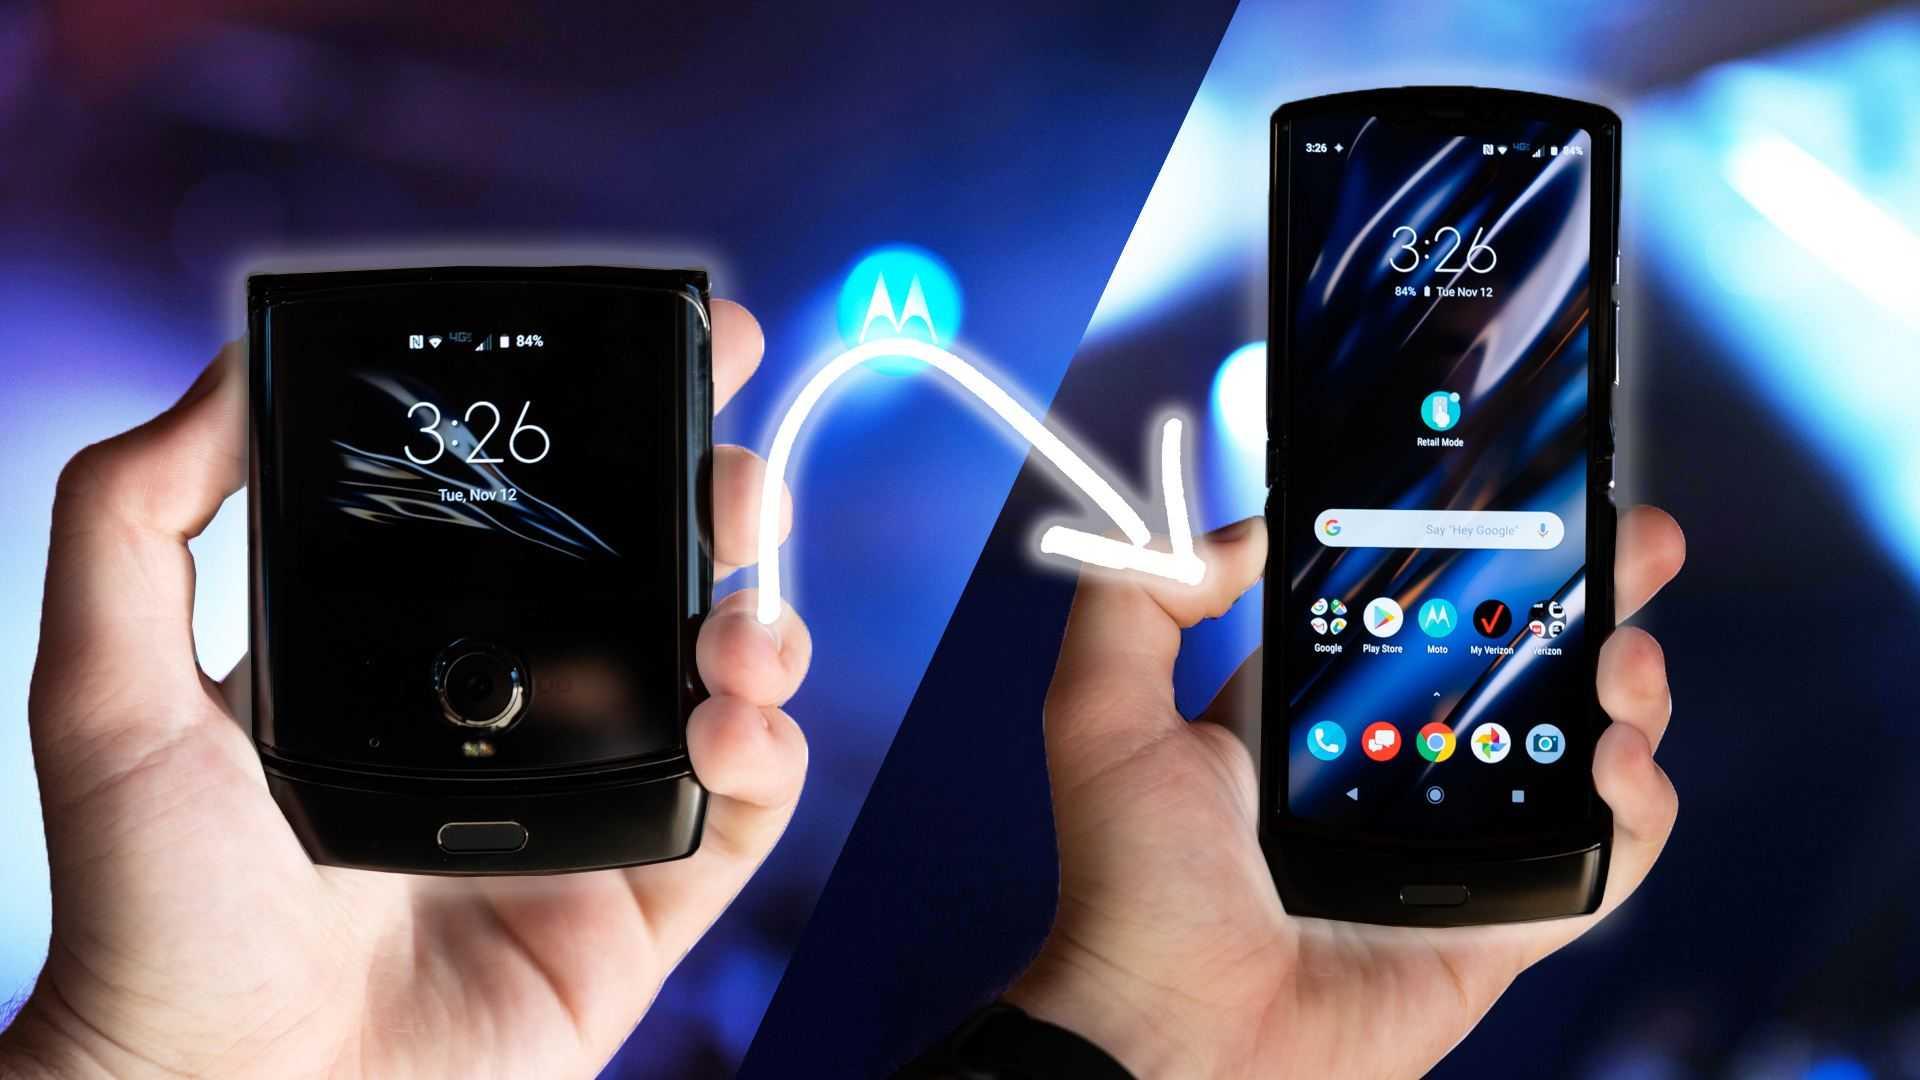 摩托罗拉razr2折叠手机怎么样_摩托罗拉razr2折叠手机参数配置